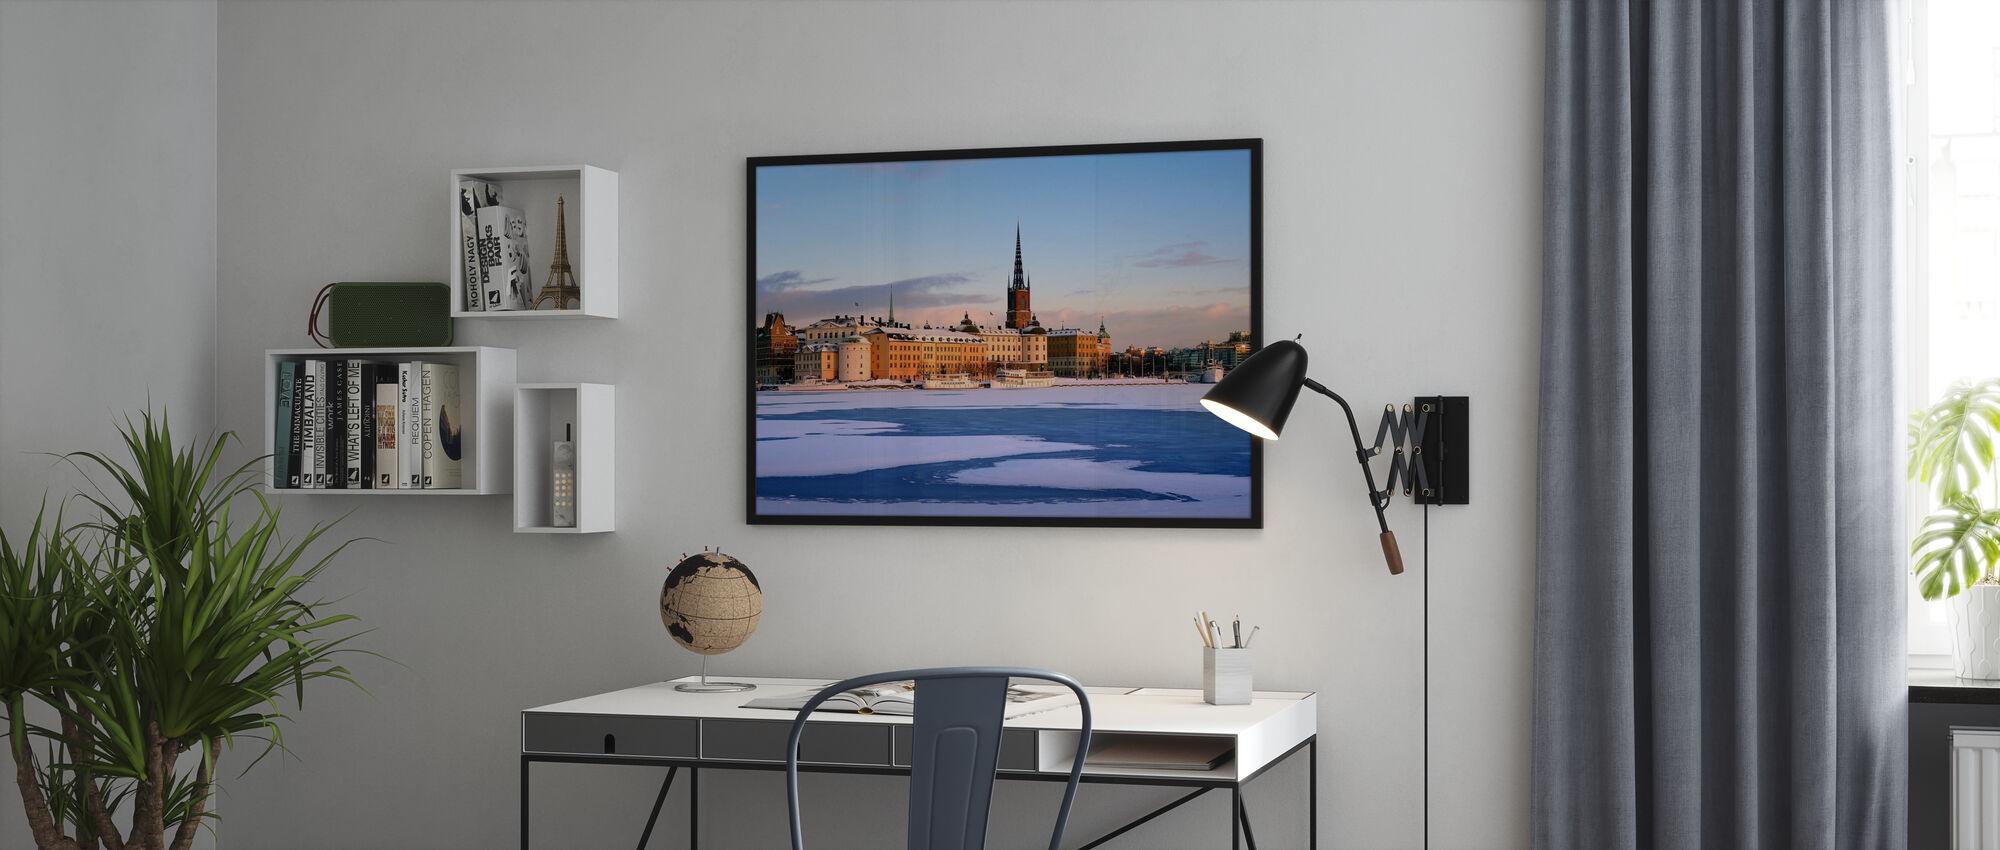 Talvi Tukholmassa, Ruotsissa - Juliste - Toimisto